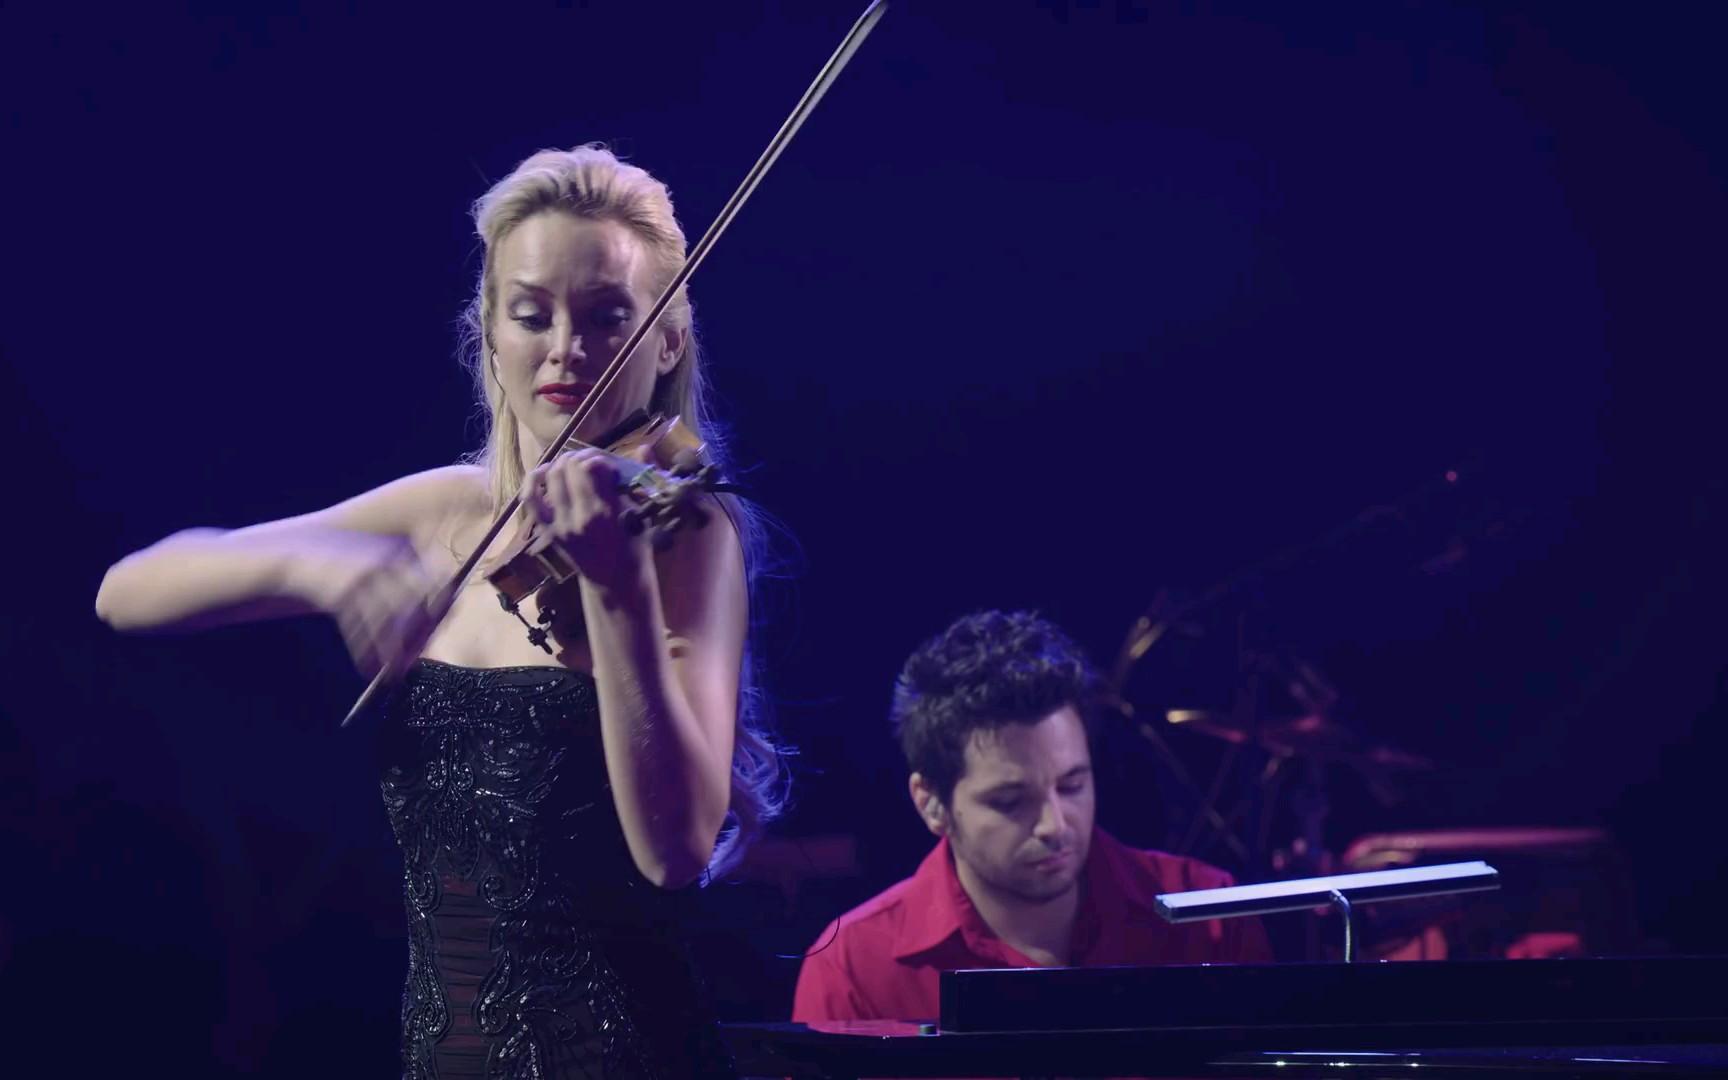 泰坦尼克号主题曲萨_我心永恒 - 小提琴 钢琴 / 电影《泰坦尼克号》主题曲 / MY HEART ...